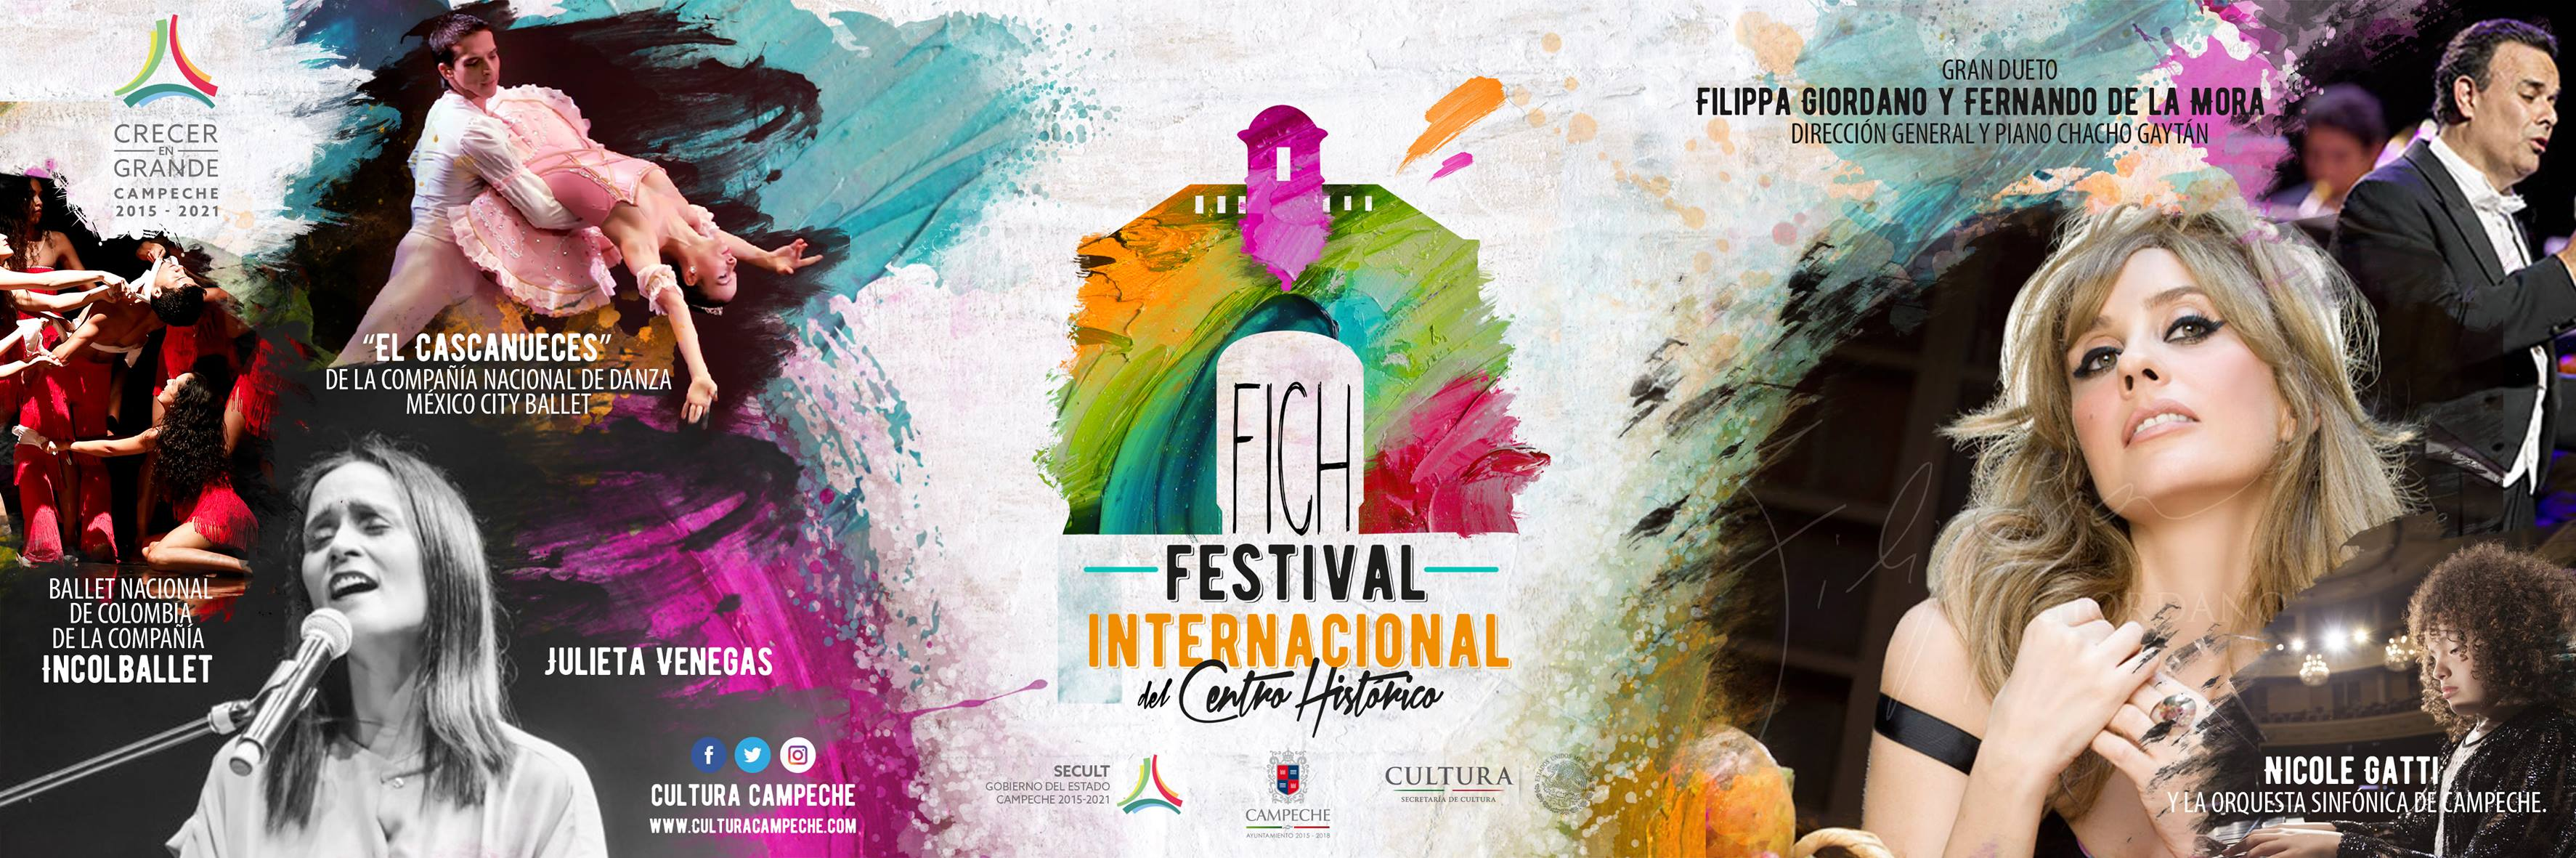 festival-campeche